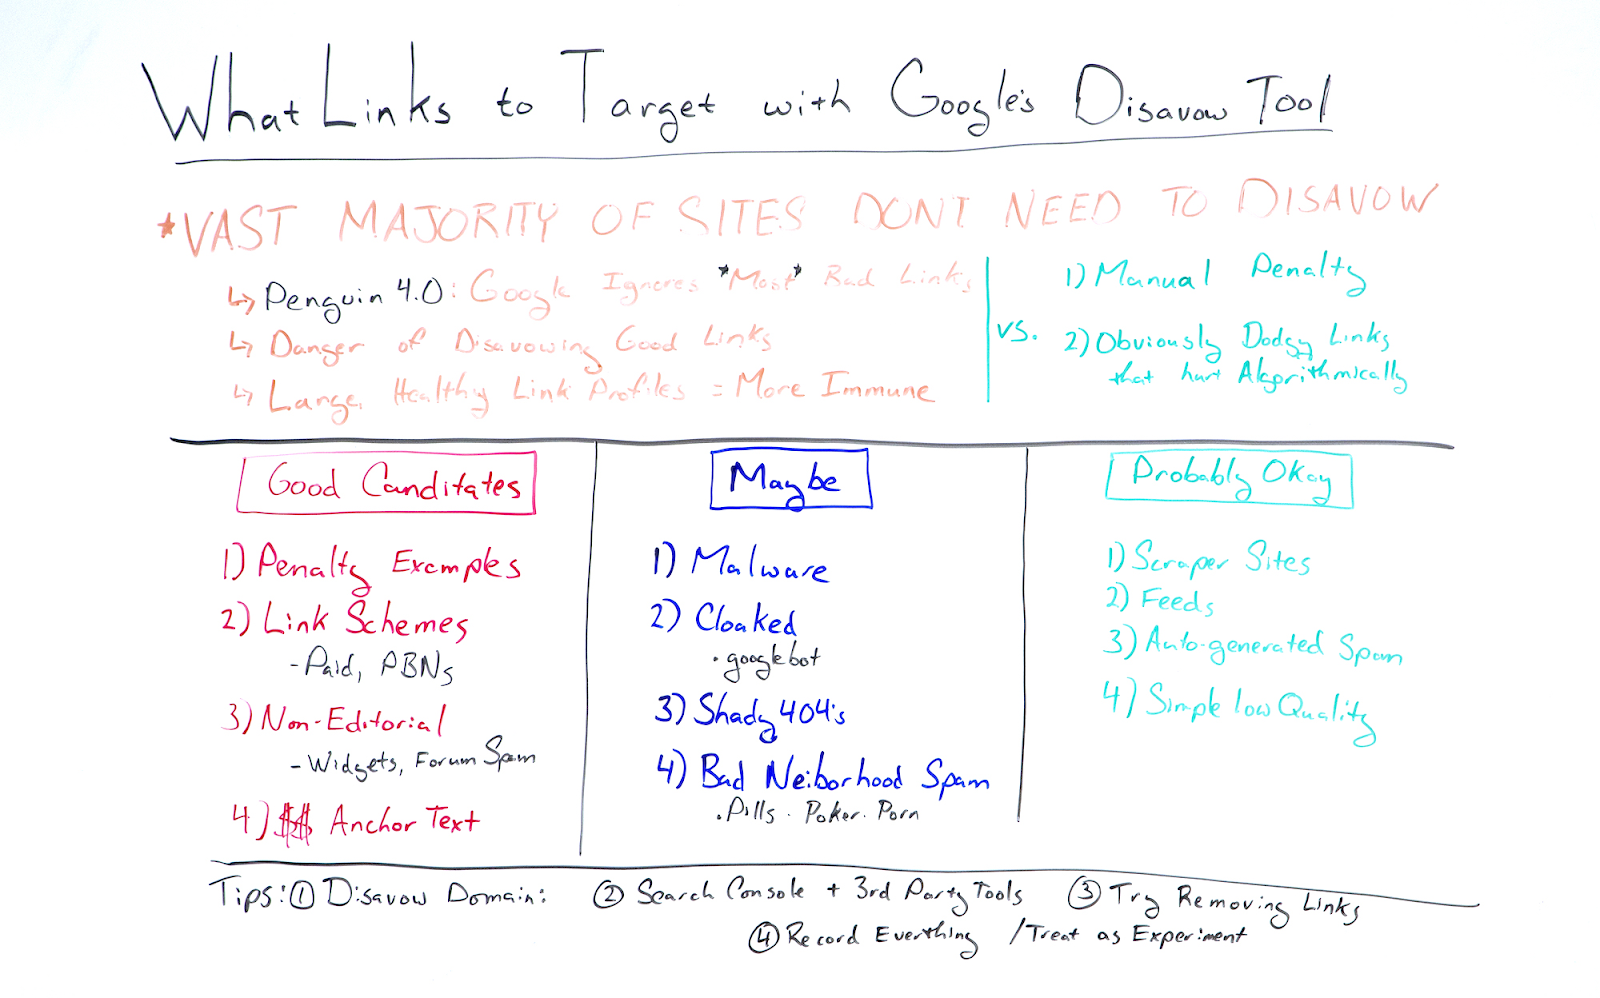 Написание на белой доске объяснений, на какие типы ссылок следует использовать таргетинг с отклонением Google инструмент.